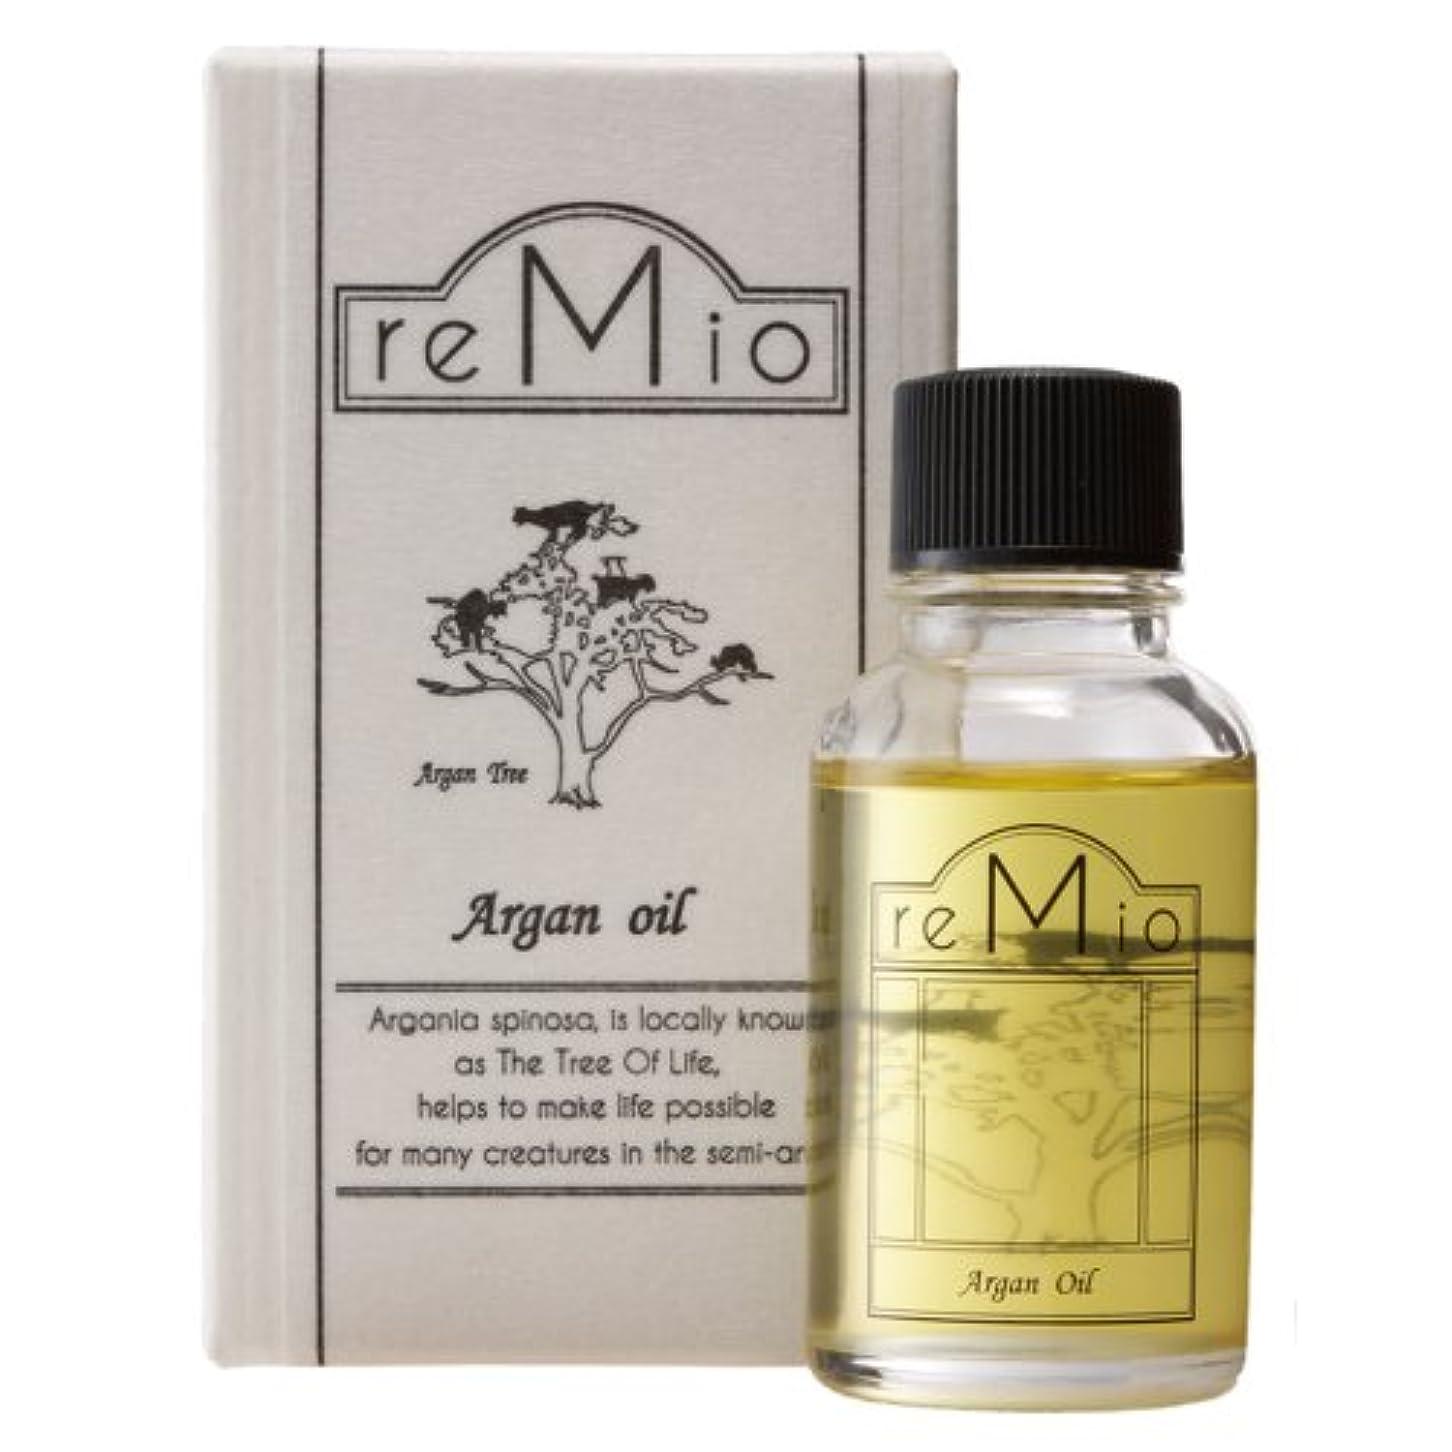 スチール限定継承レミオ(REMIO) オーガニックアルガンオイル